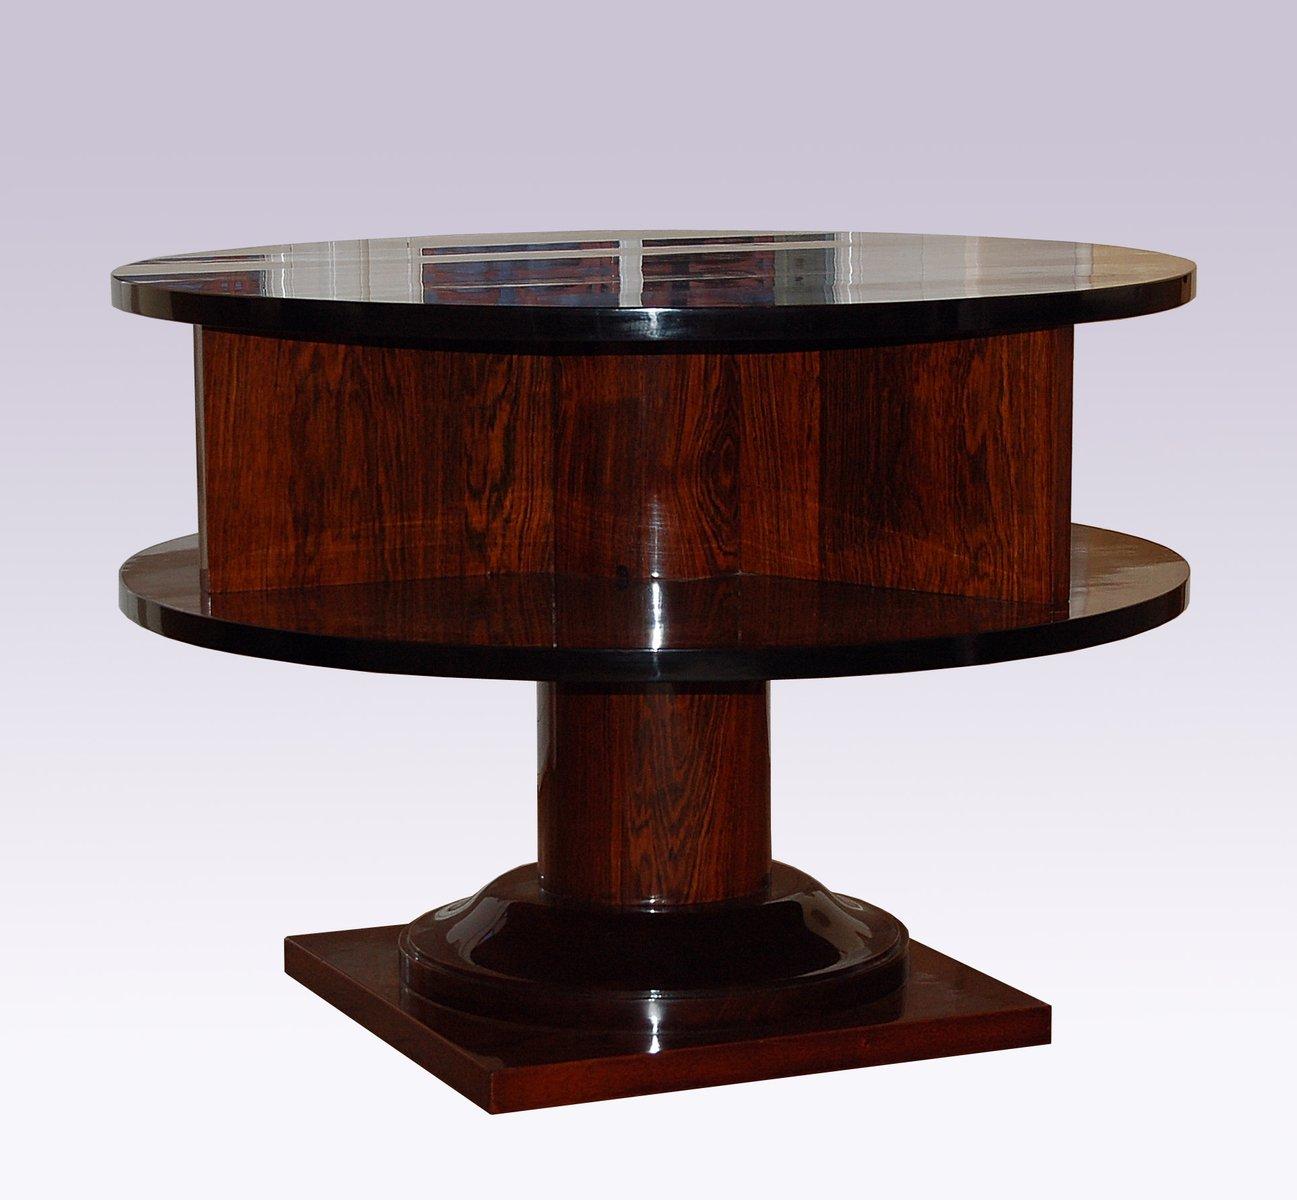 table basse art d co moderniste en vente sur pamono. Black Bedroom Furniture Sets. Home Design Ideas